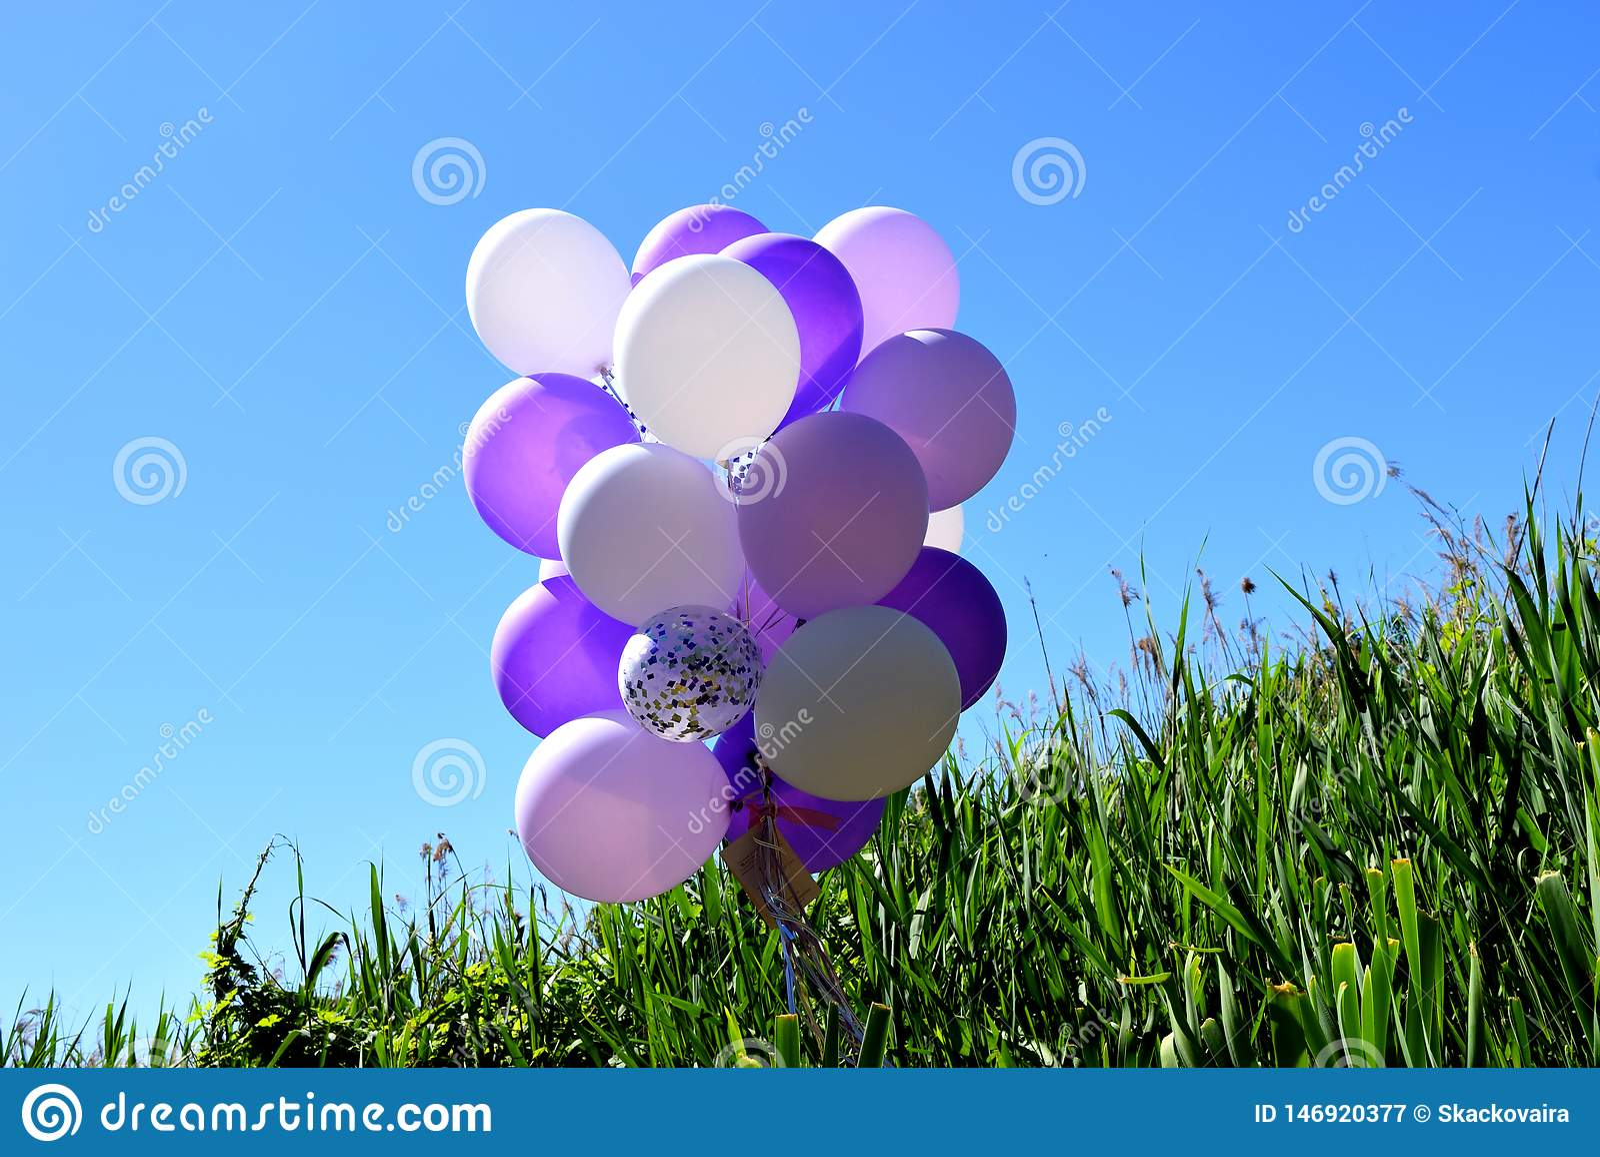 Mångfärgade festliga ballonger på grönt gräs mot en blå himmel